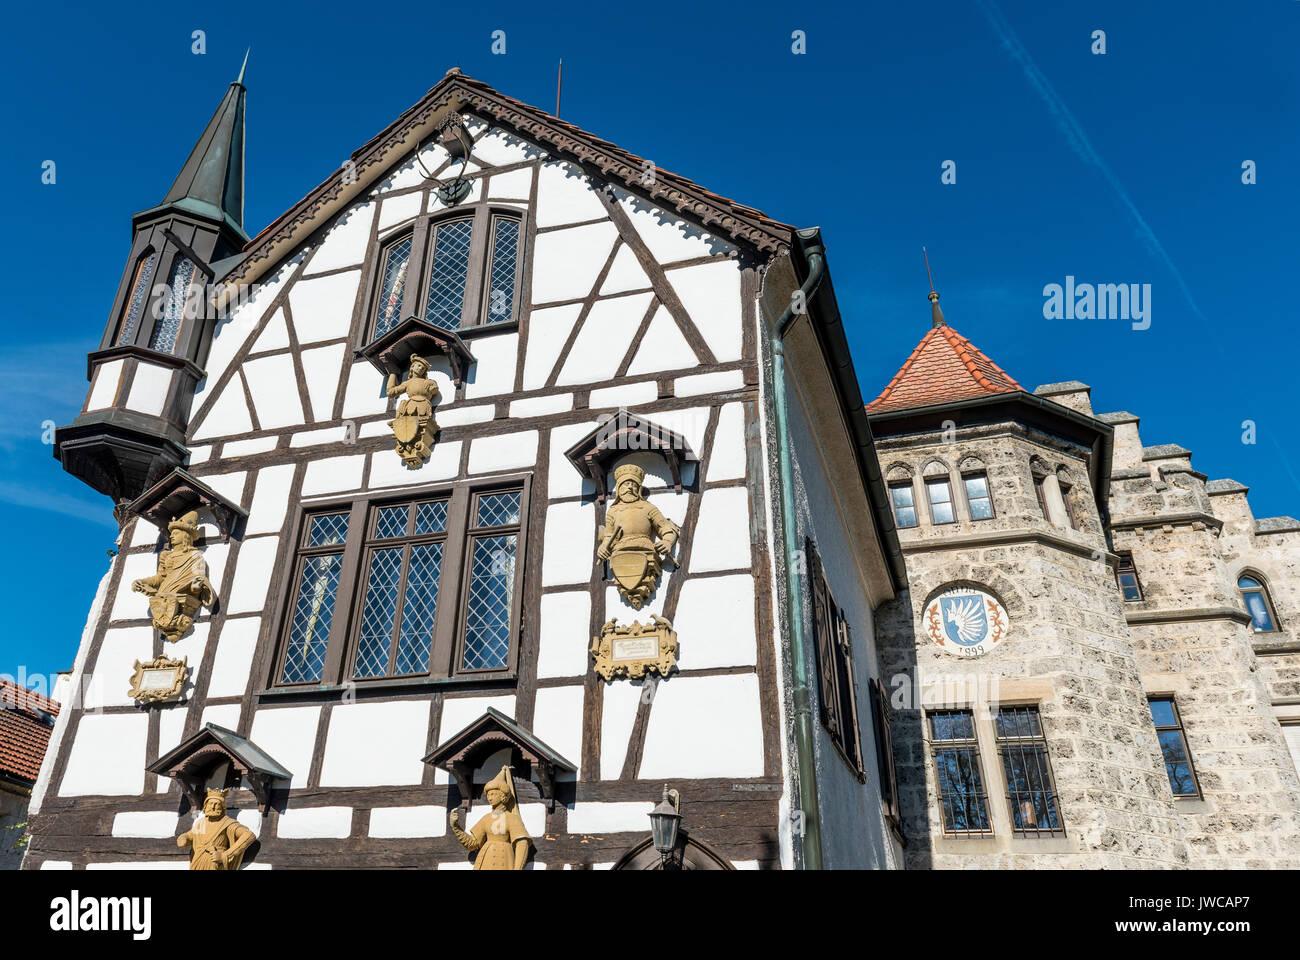 Hälfte - Fachwerkhaus Haus, mittelalterliche Giebeln und Dach, Schloss Lichtenstein, Baden-Württemberg, Deutschland Stockbild